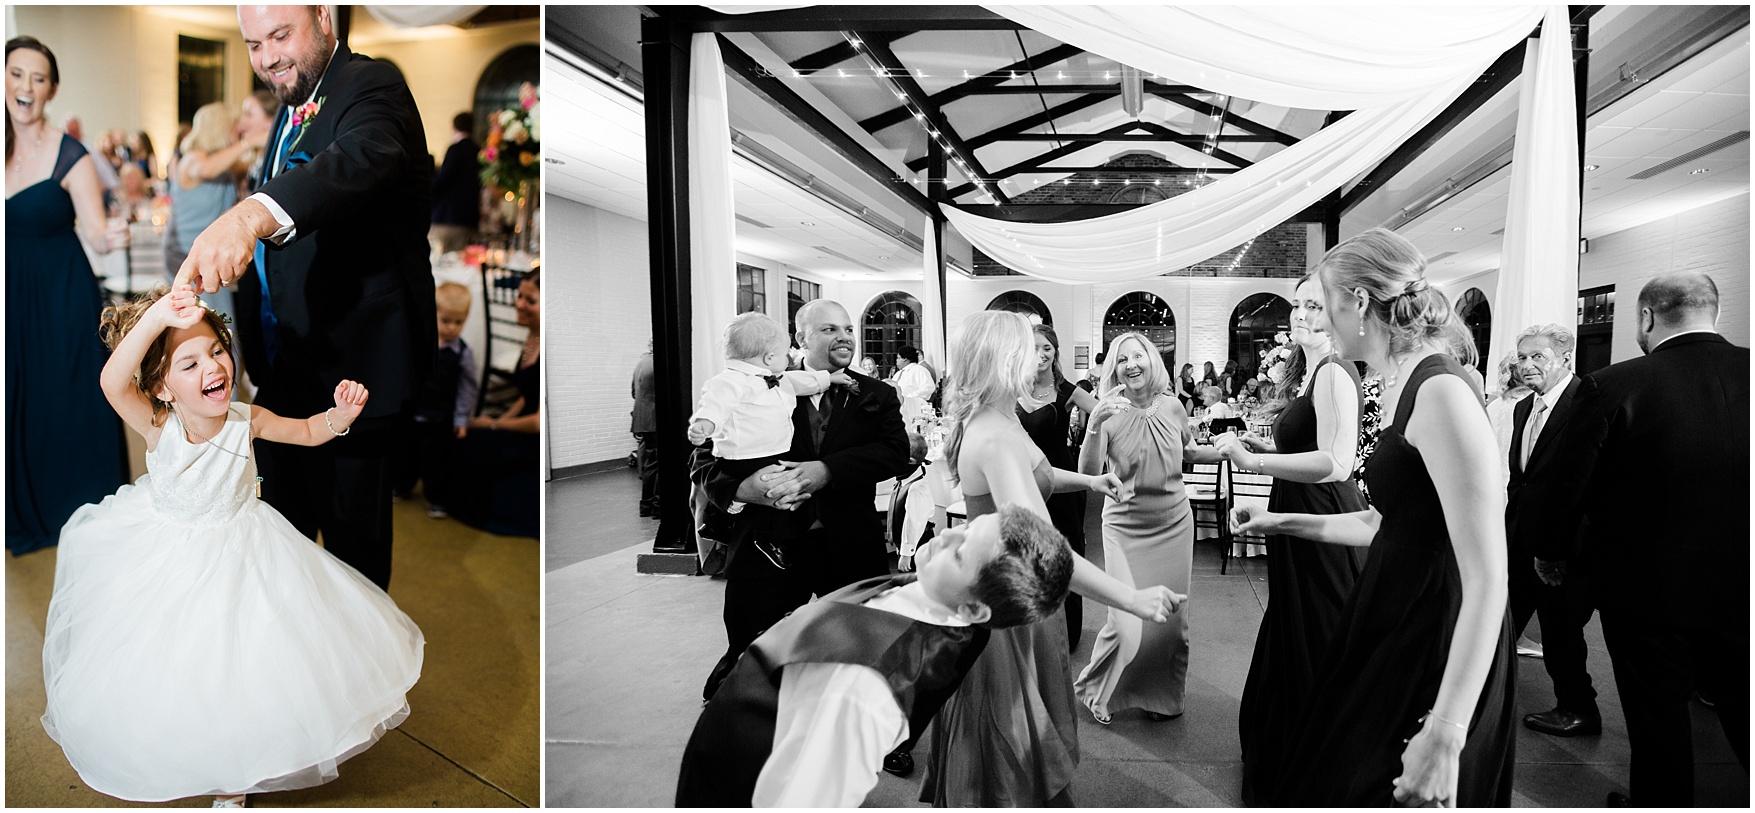 wedding photography st louis_lauren muckler photography_film photographer_film wedding_0188.jpg